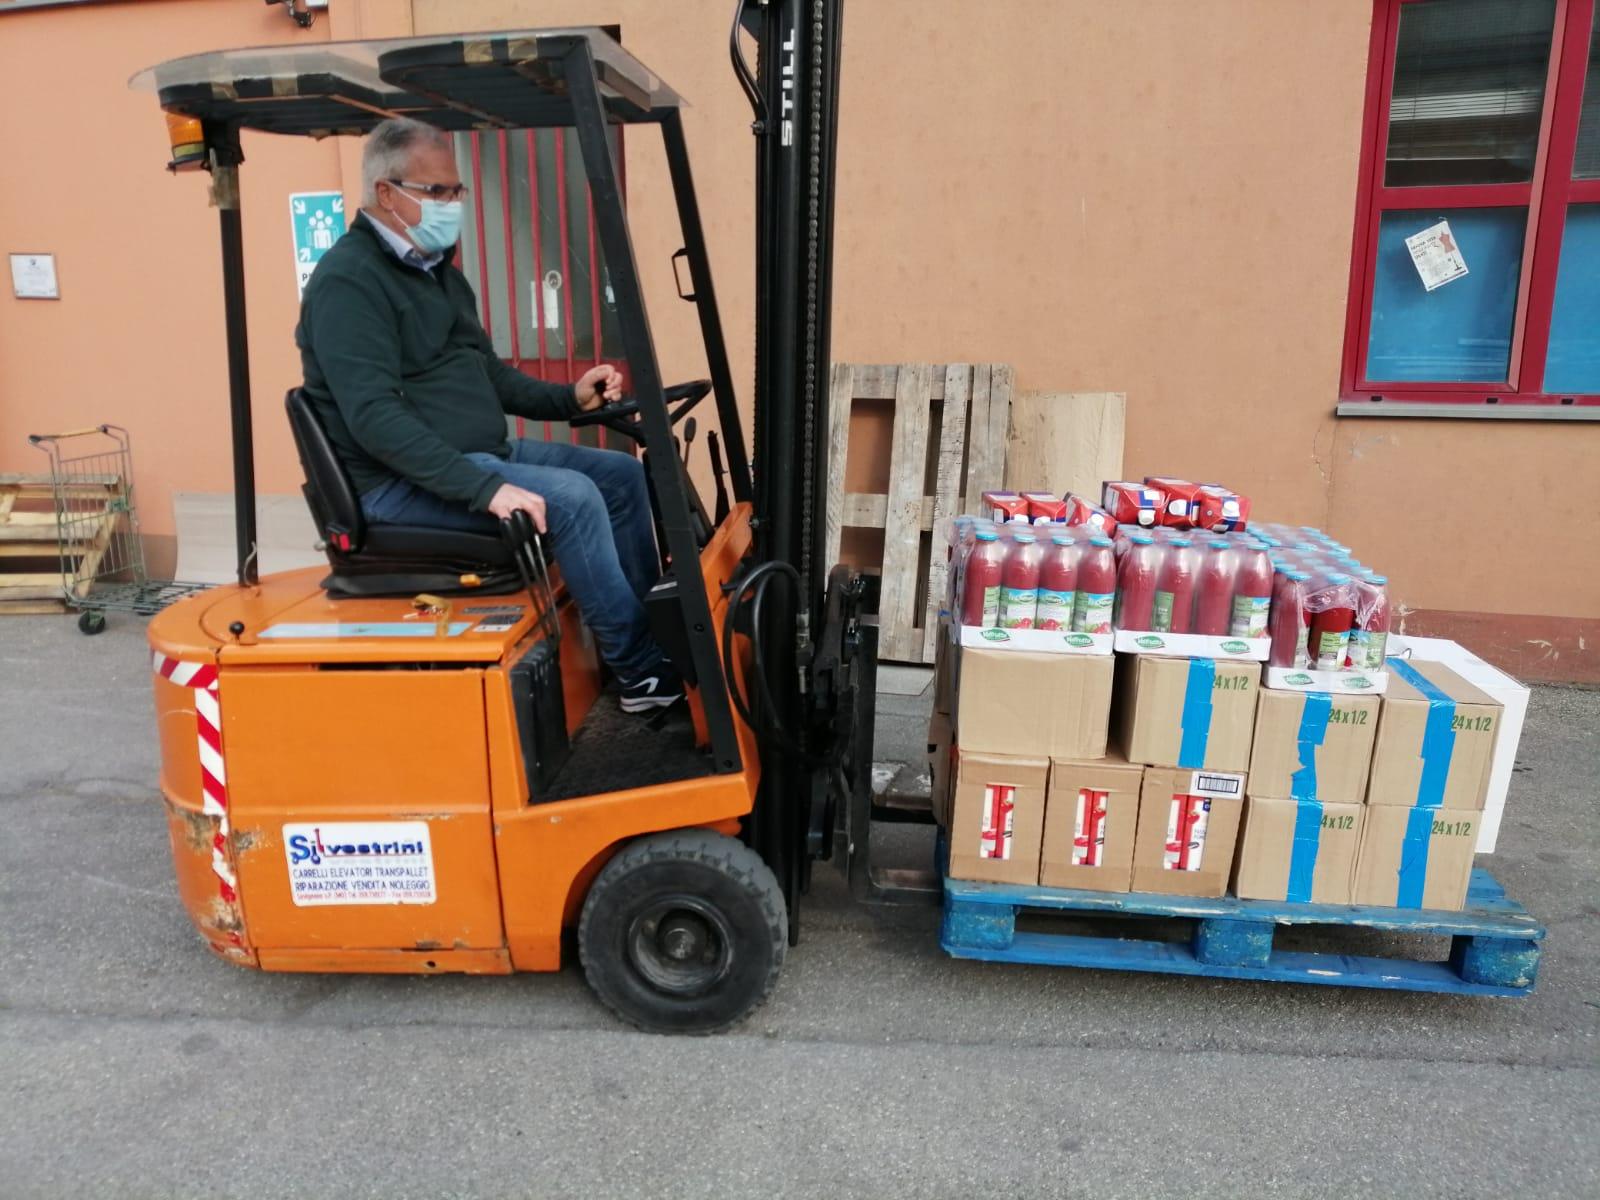 20210421 Rete Empori Emilia Romagna condivisione beni (9)